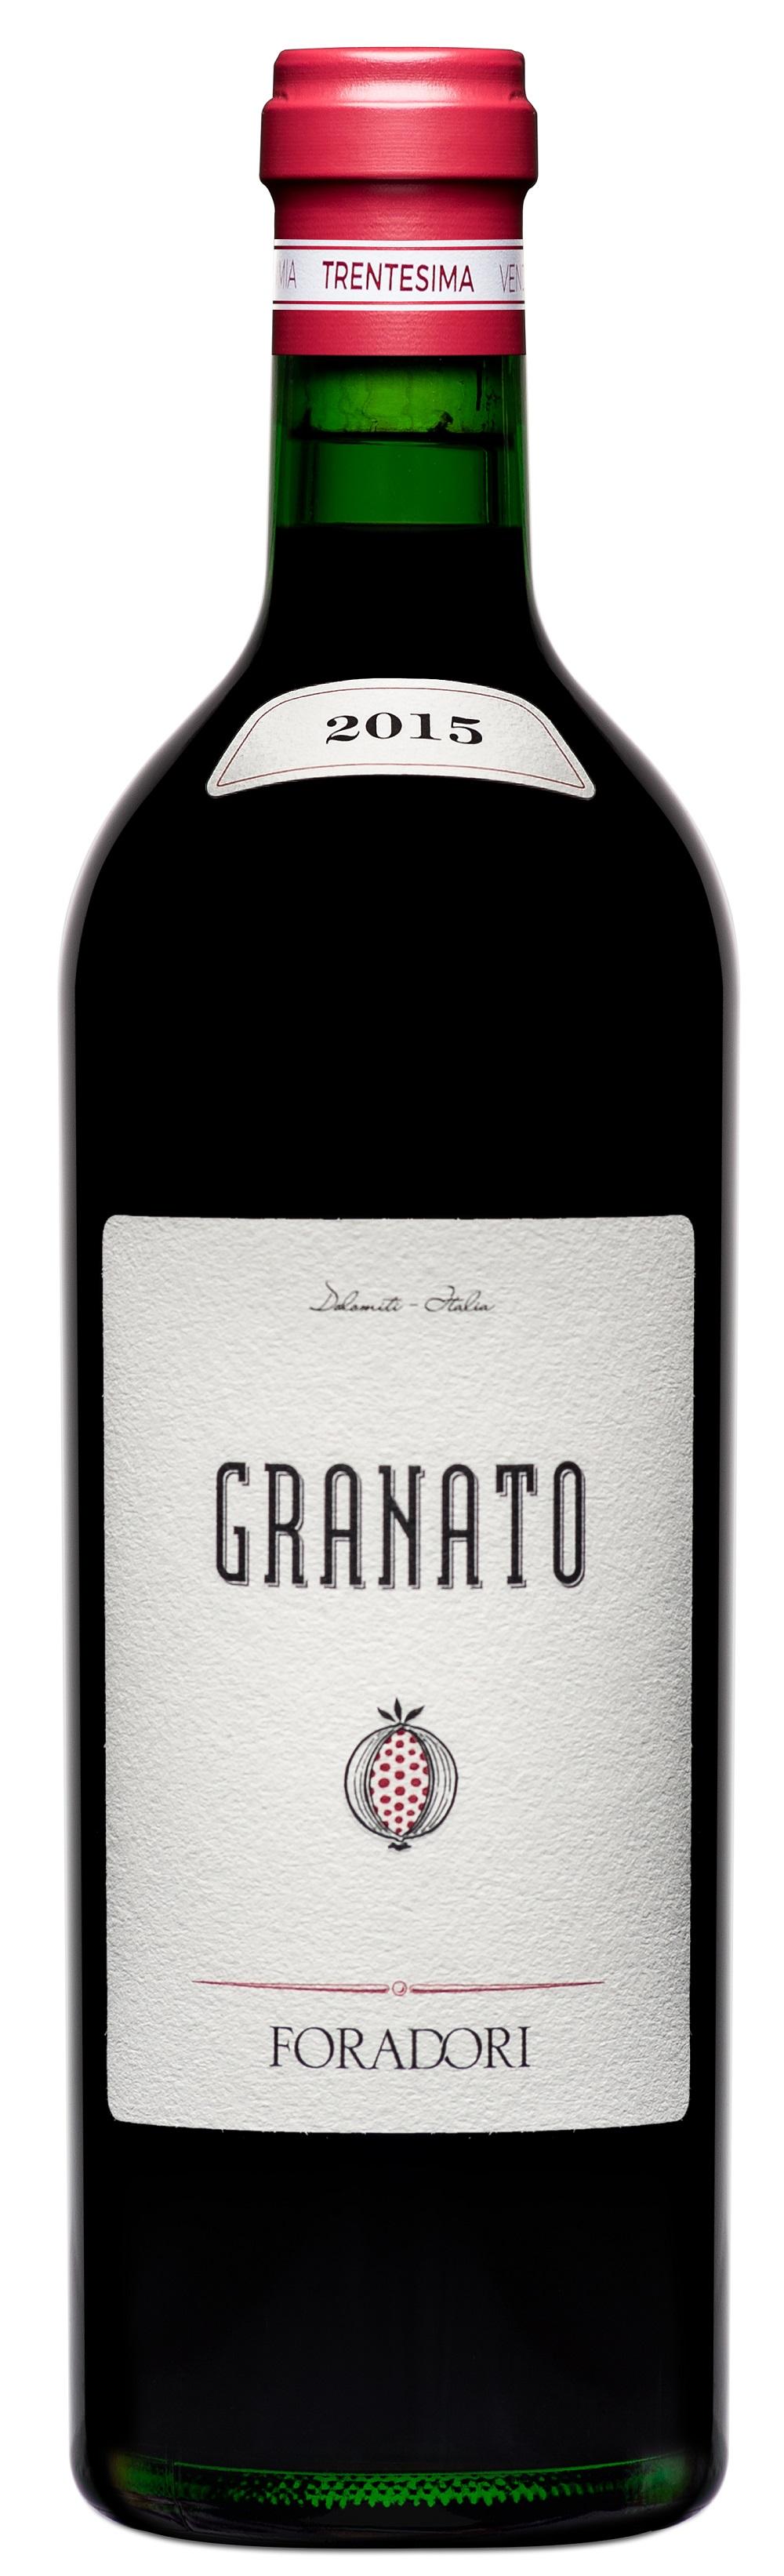 Granato Magnum 2015